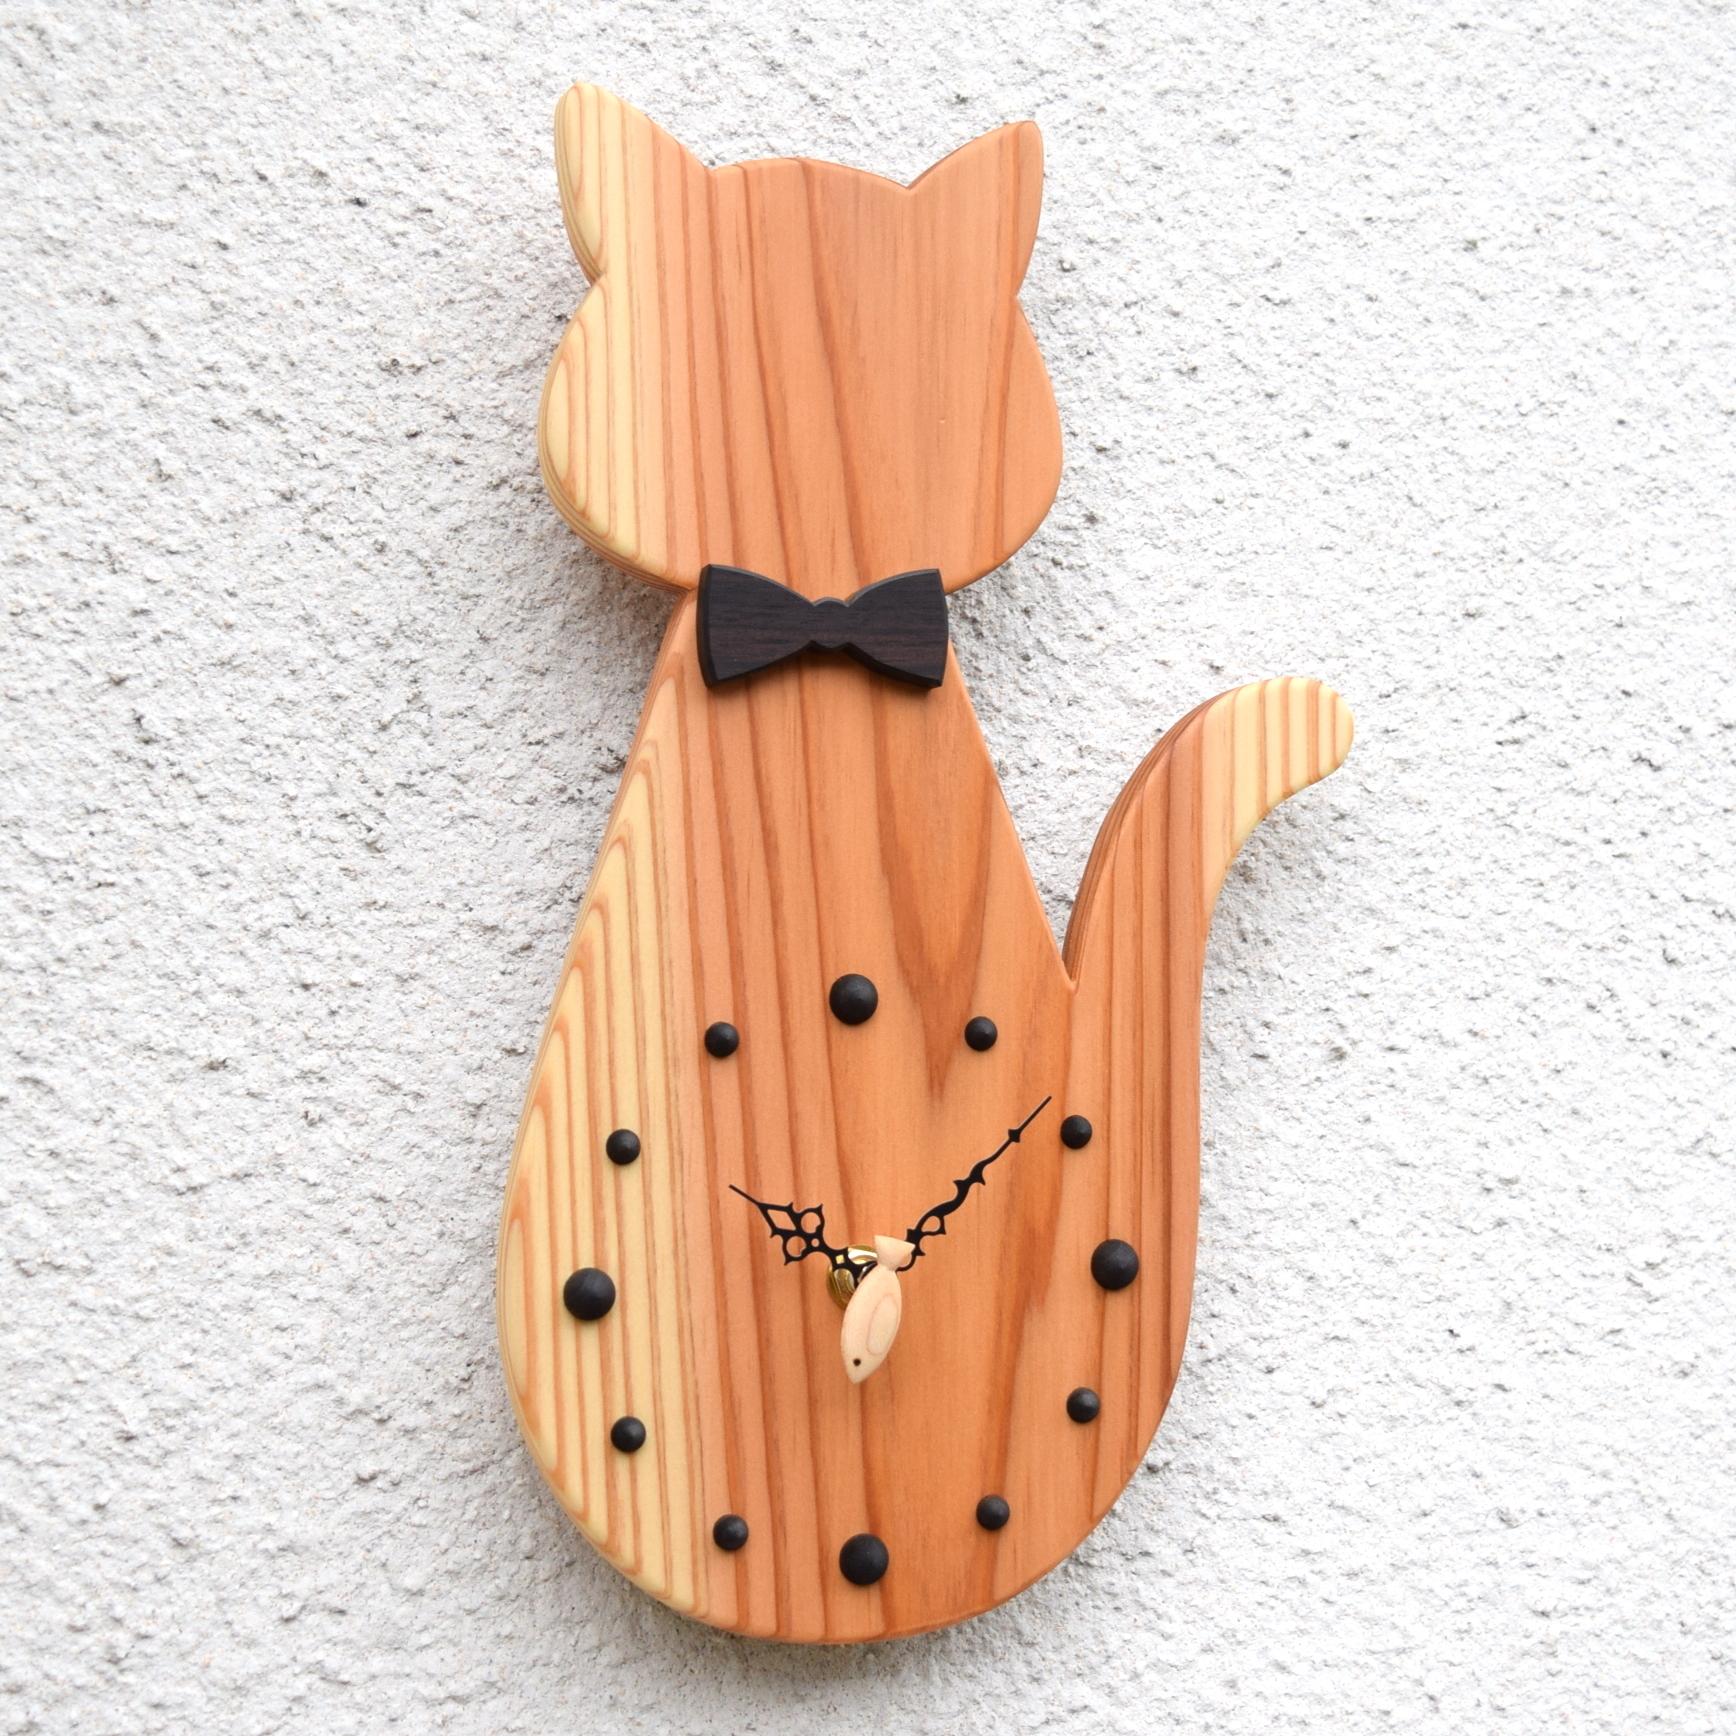 【魚秒針】掛時計『お座りネコ クリア』【智頭杉】